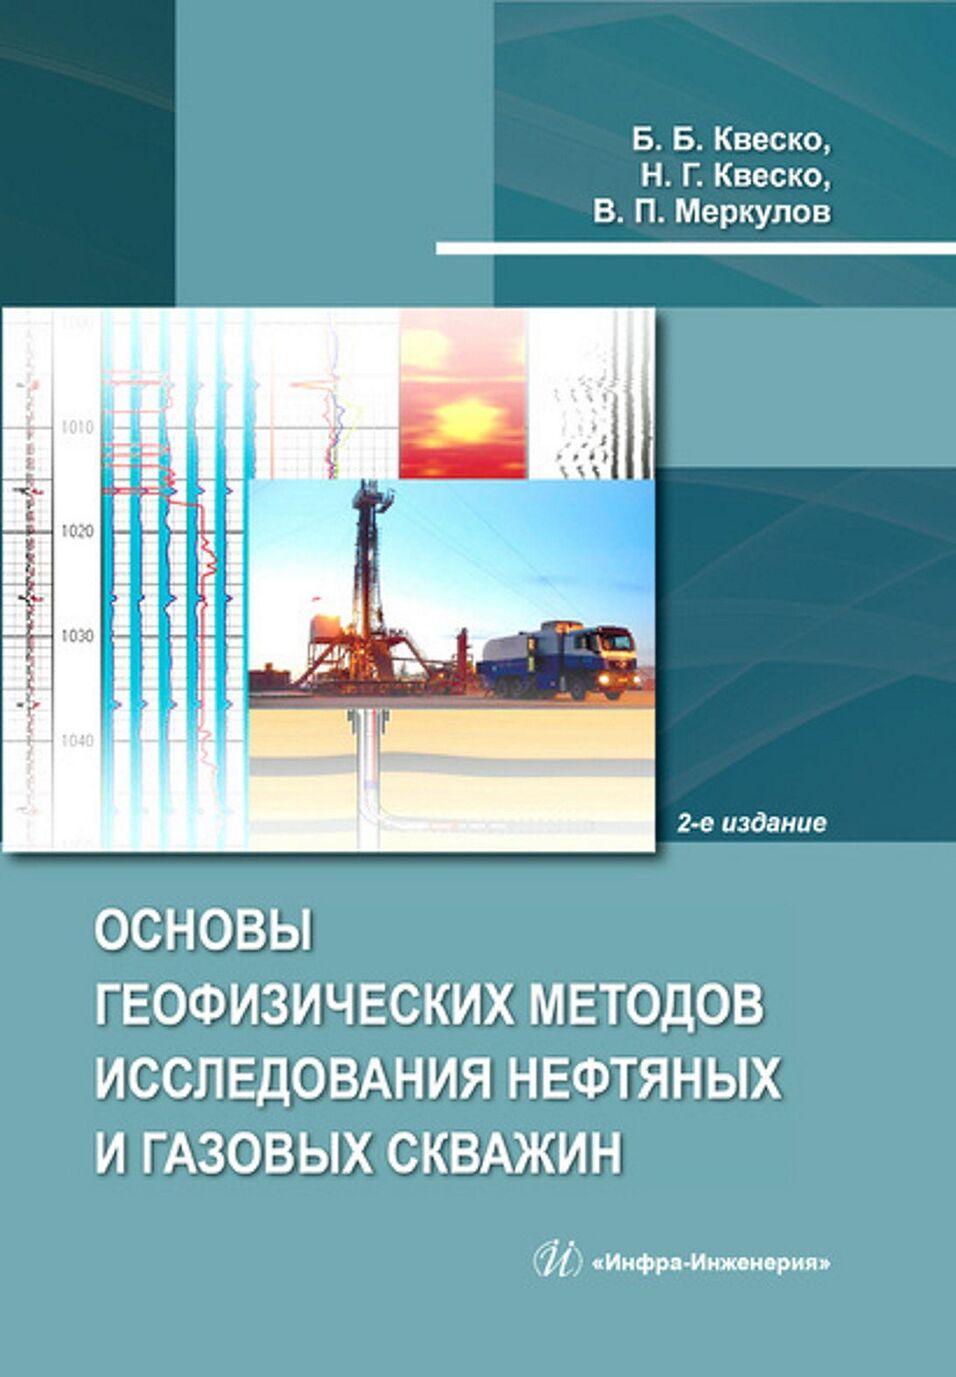 Osnovy geofizicheskikh metodov issledovanija neftjanykh i gazovykh skvazhin. Izdanie 2-e, dopolnennoe